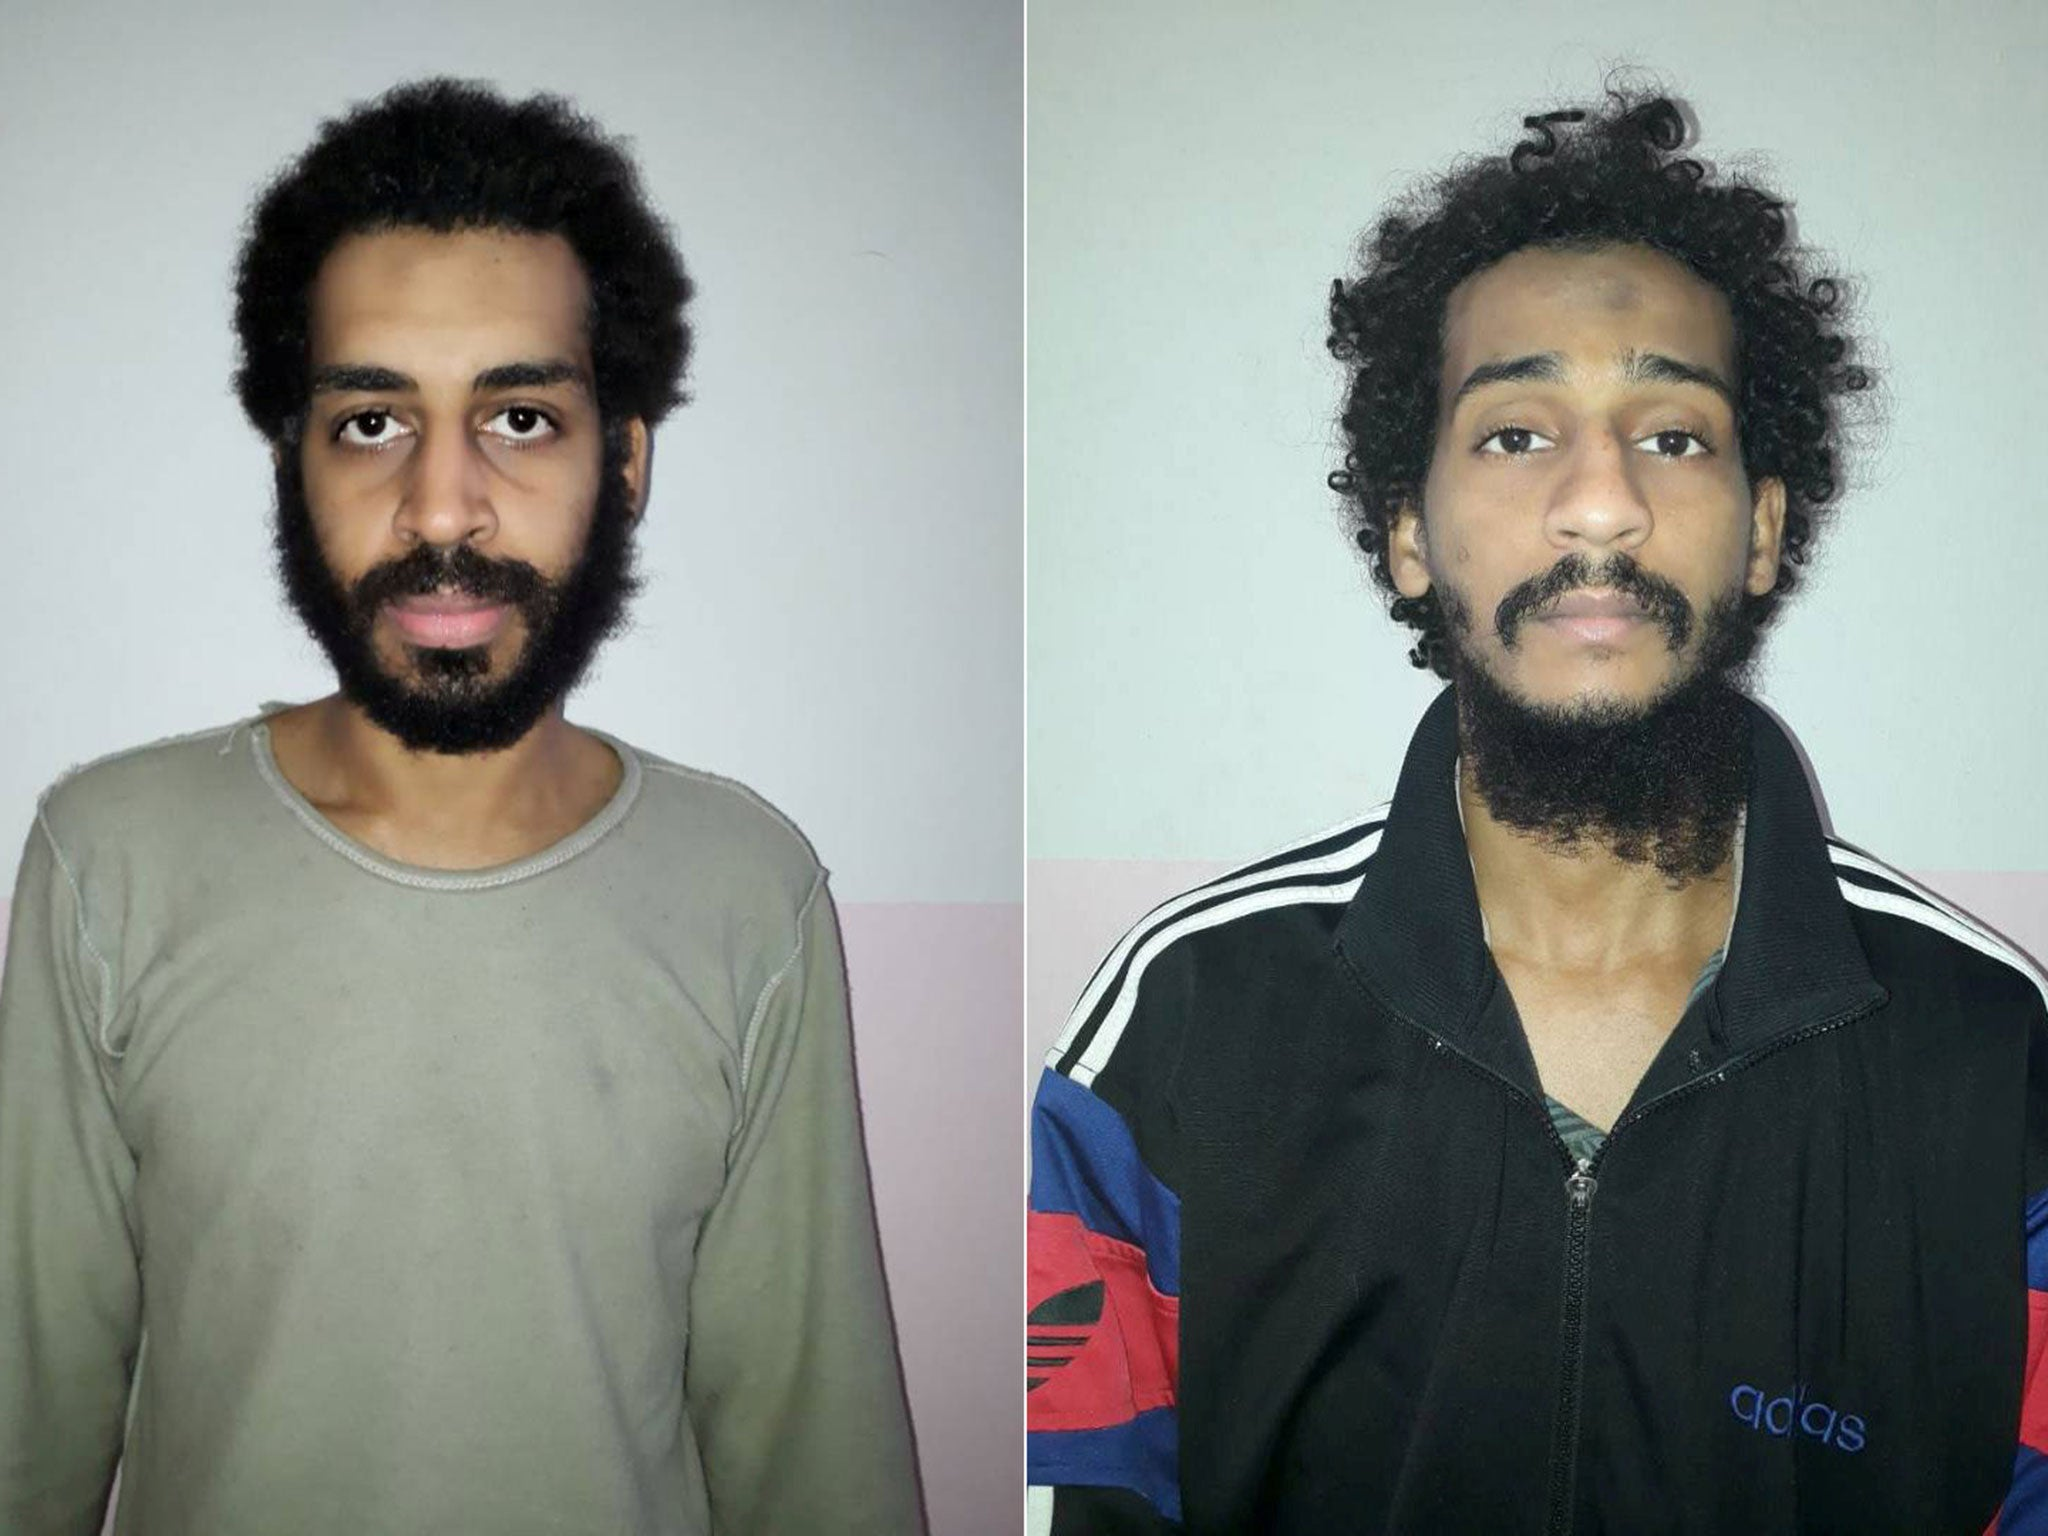 Isis Beatles: UK 'must not let standards slip' in face of terror, Ken Clarke warns